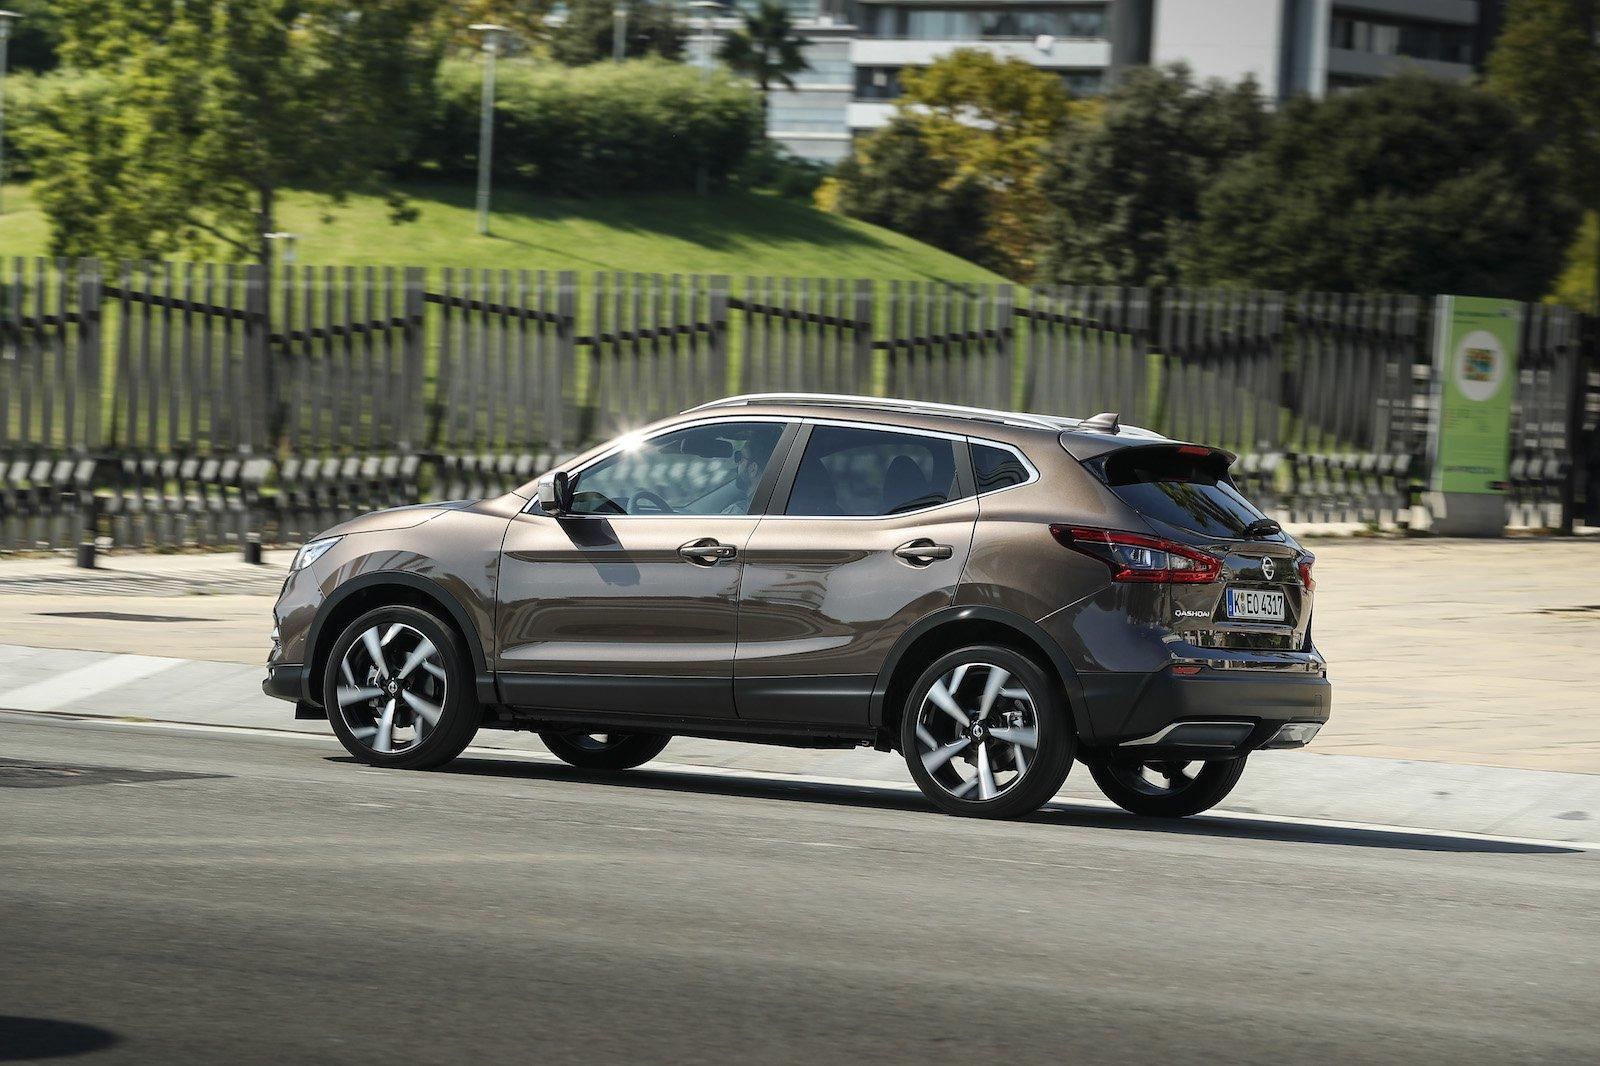 2018 Nissan Qashqai 1.3 DiG-T side